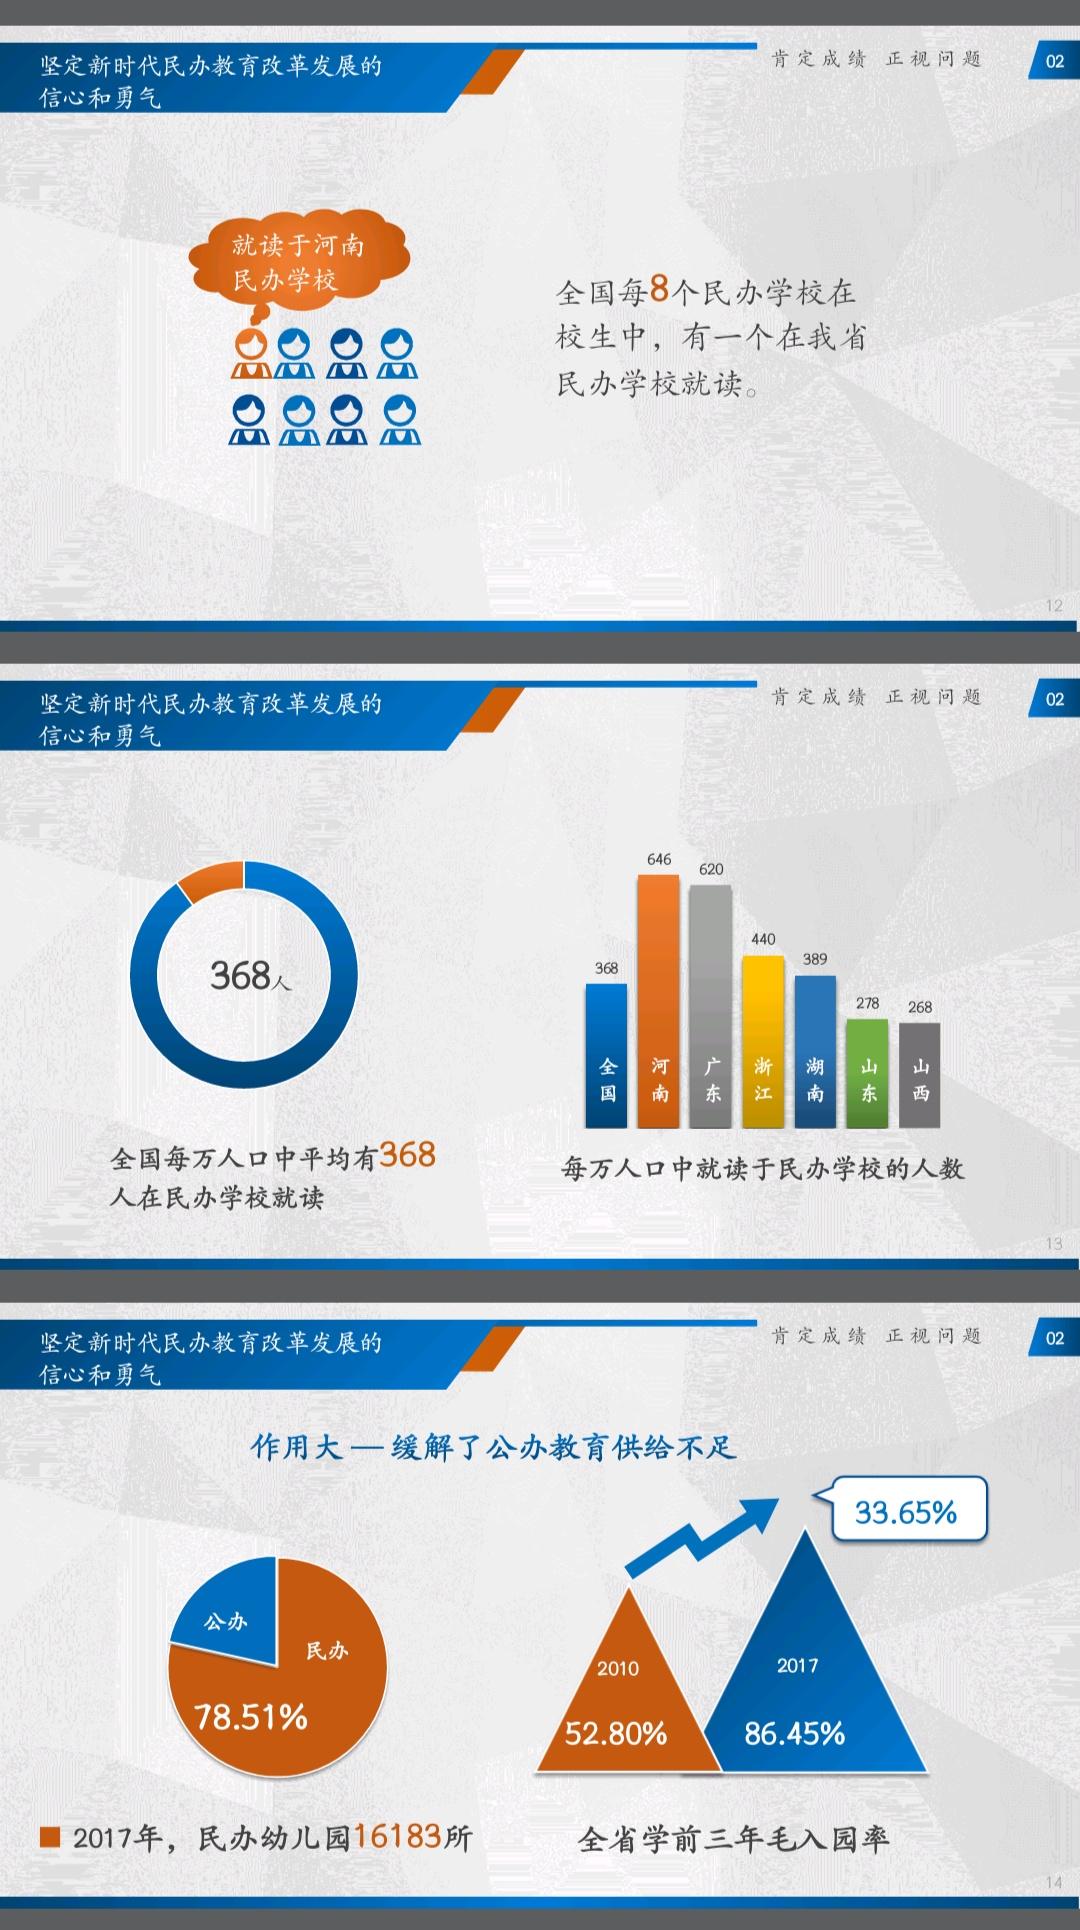 河南已有民办学校近两万所,总数位居全国第一